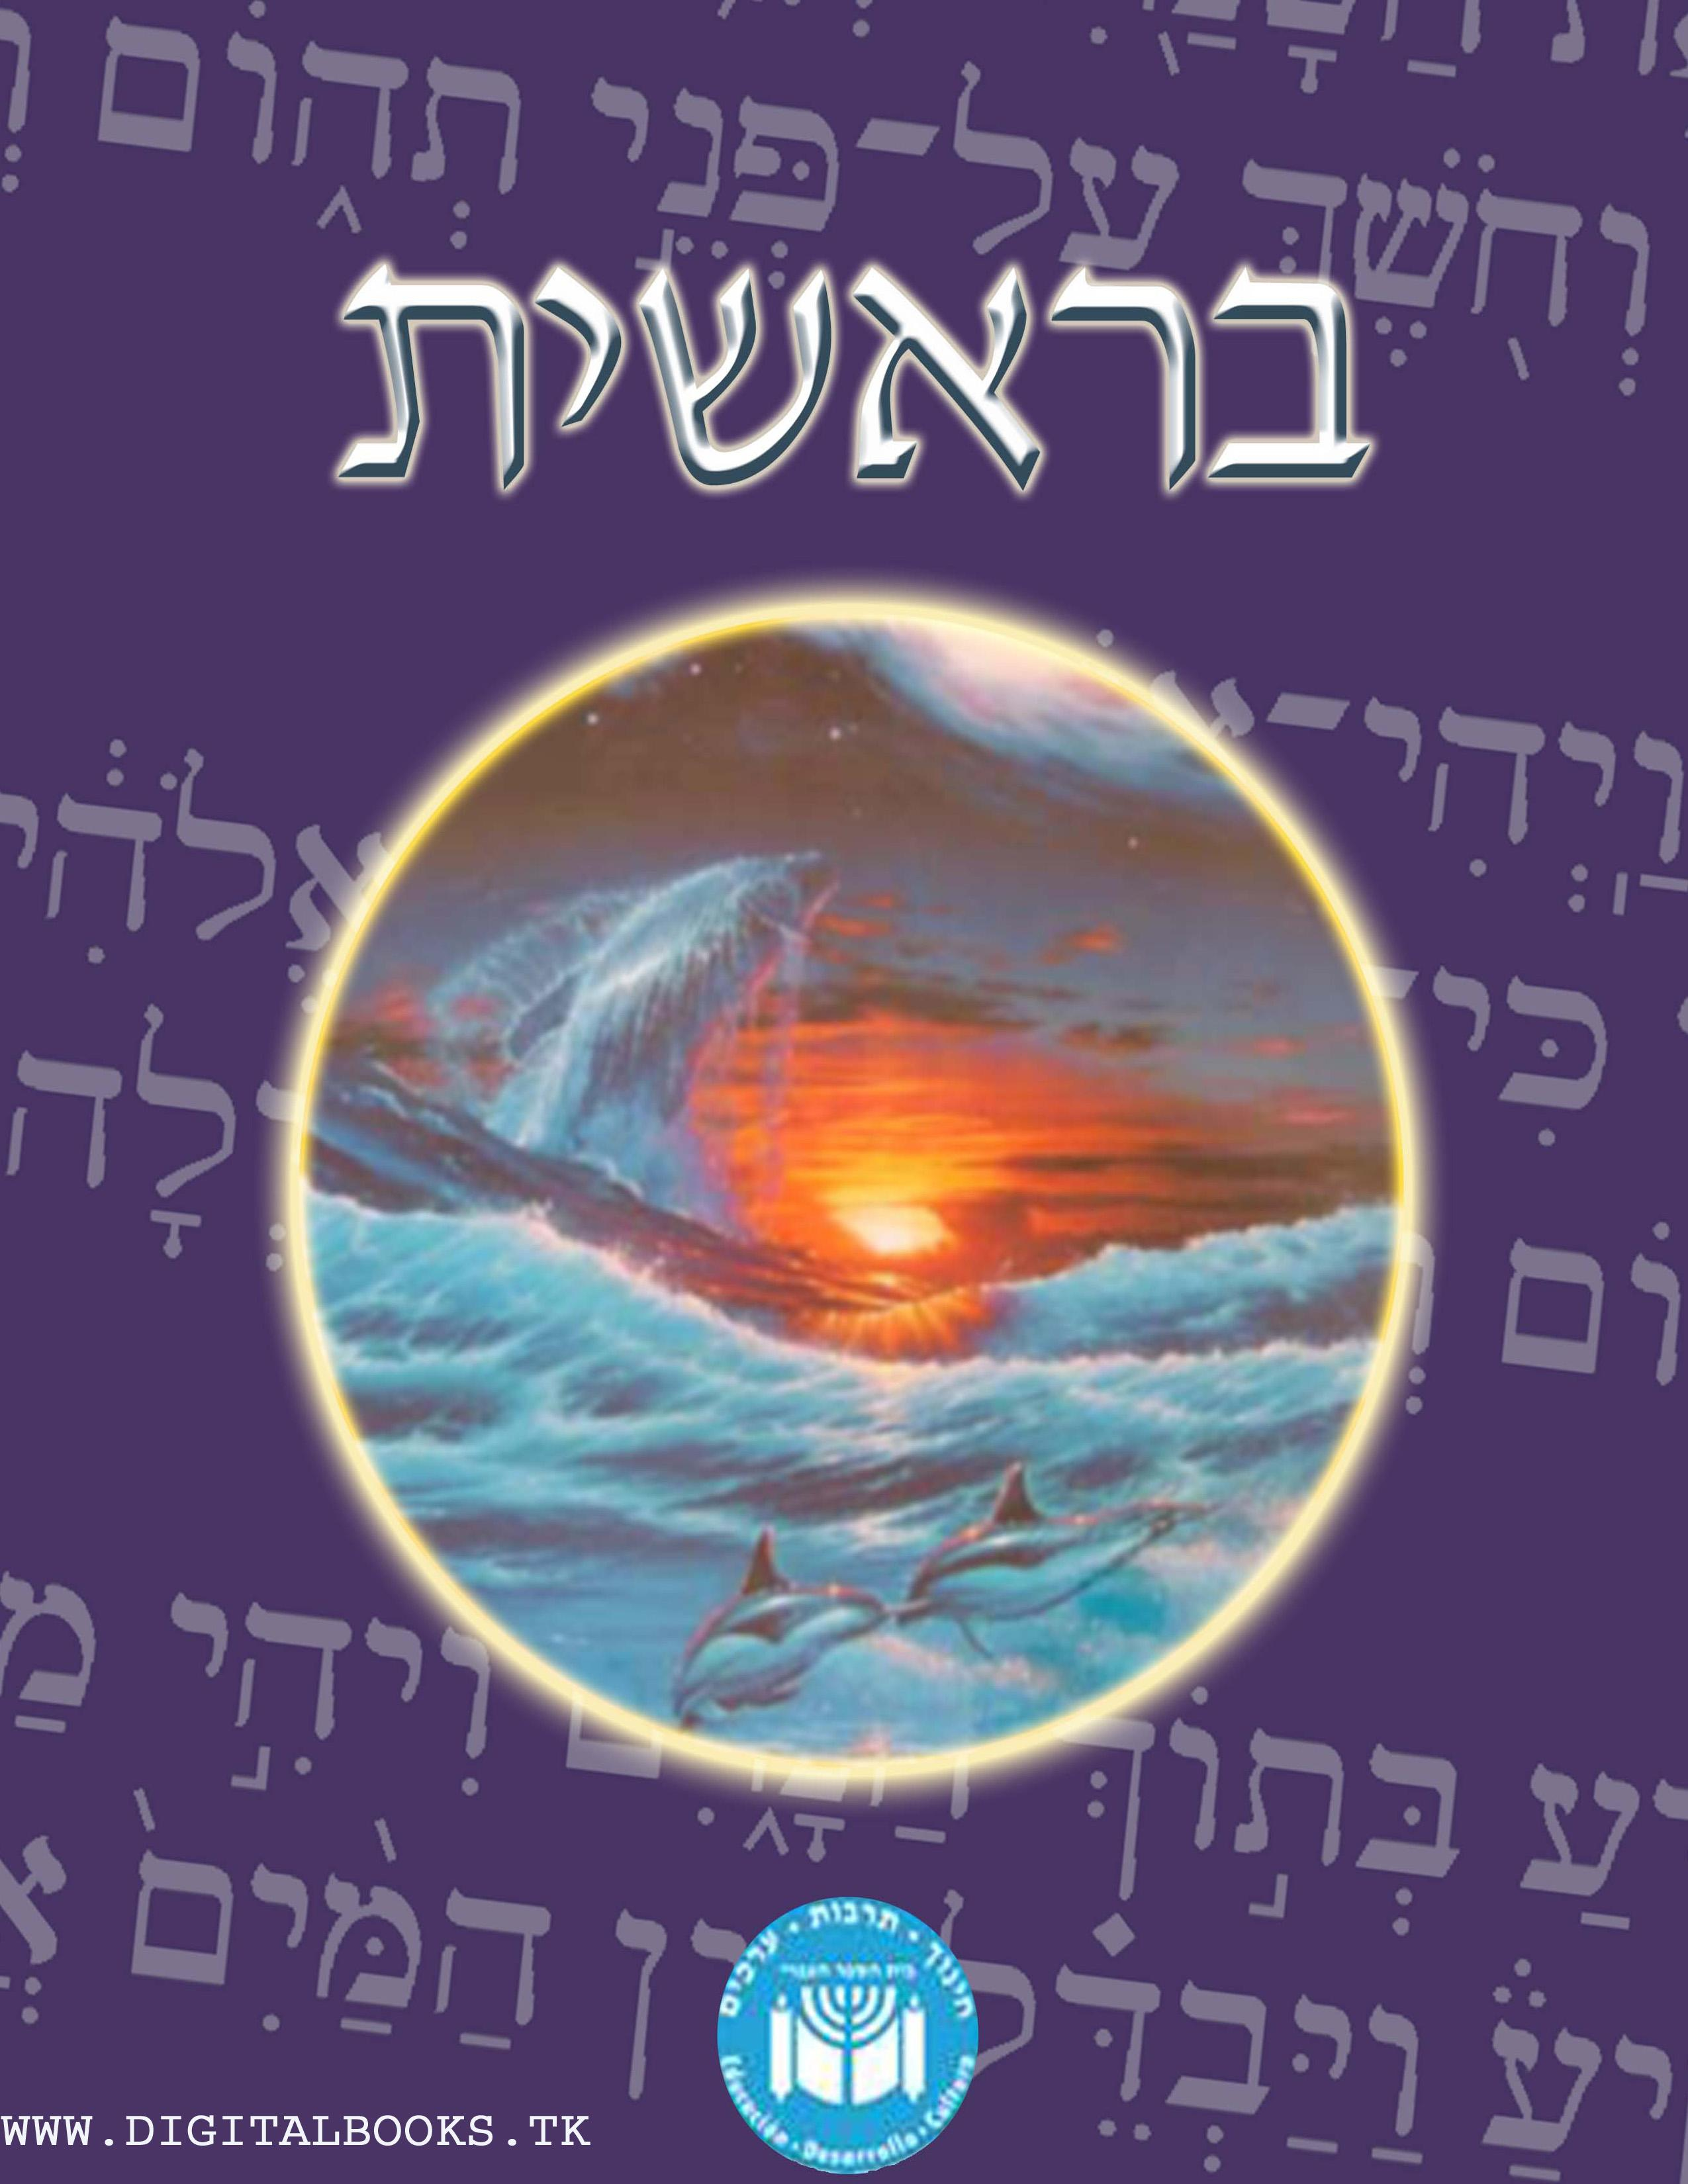 Torah: Biblia Hebreo-Espa?ol: El Libro de G?nesis